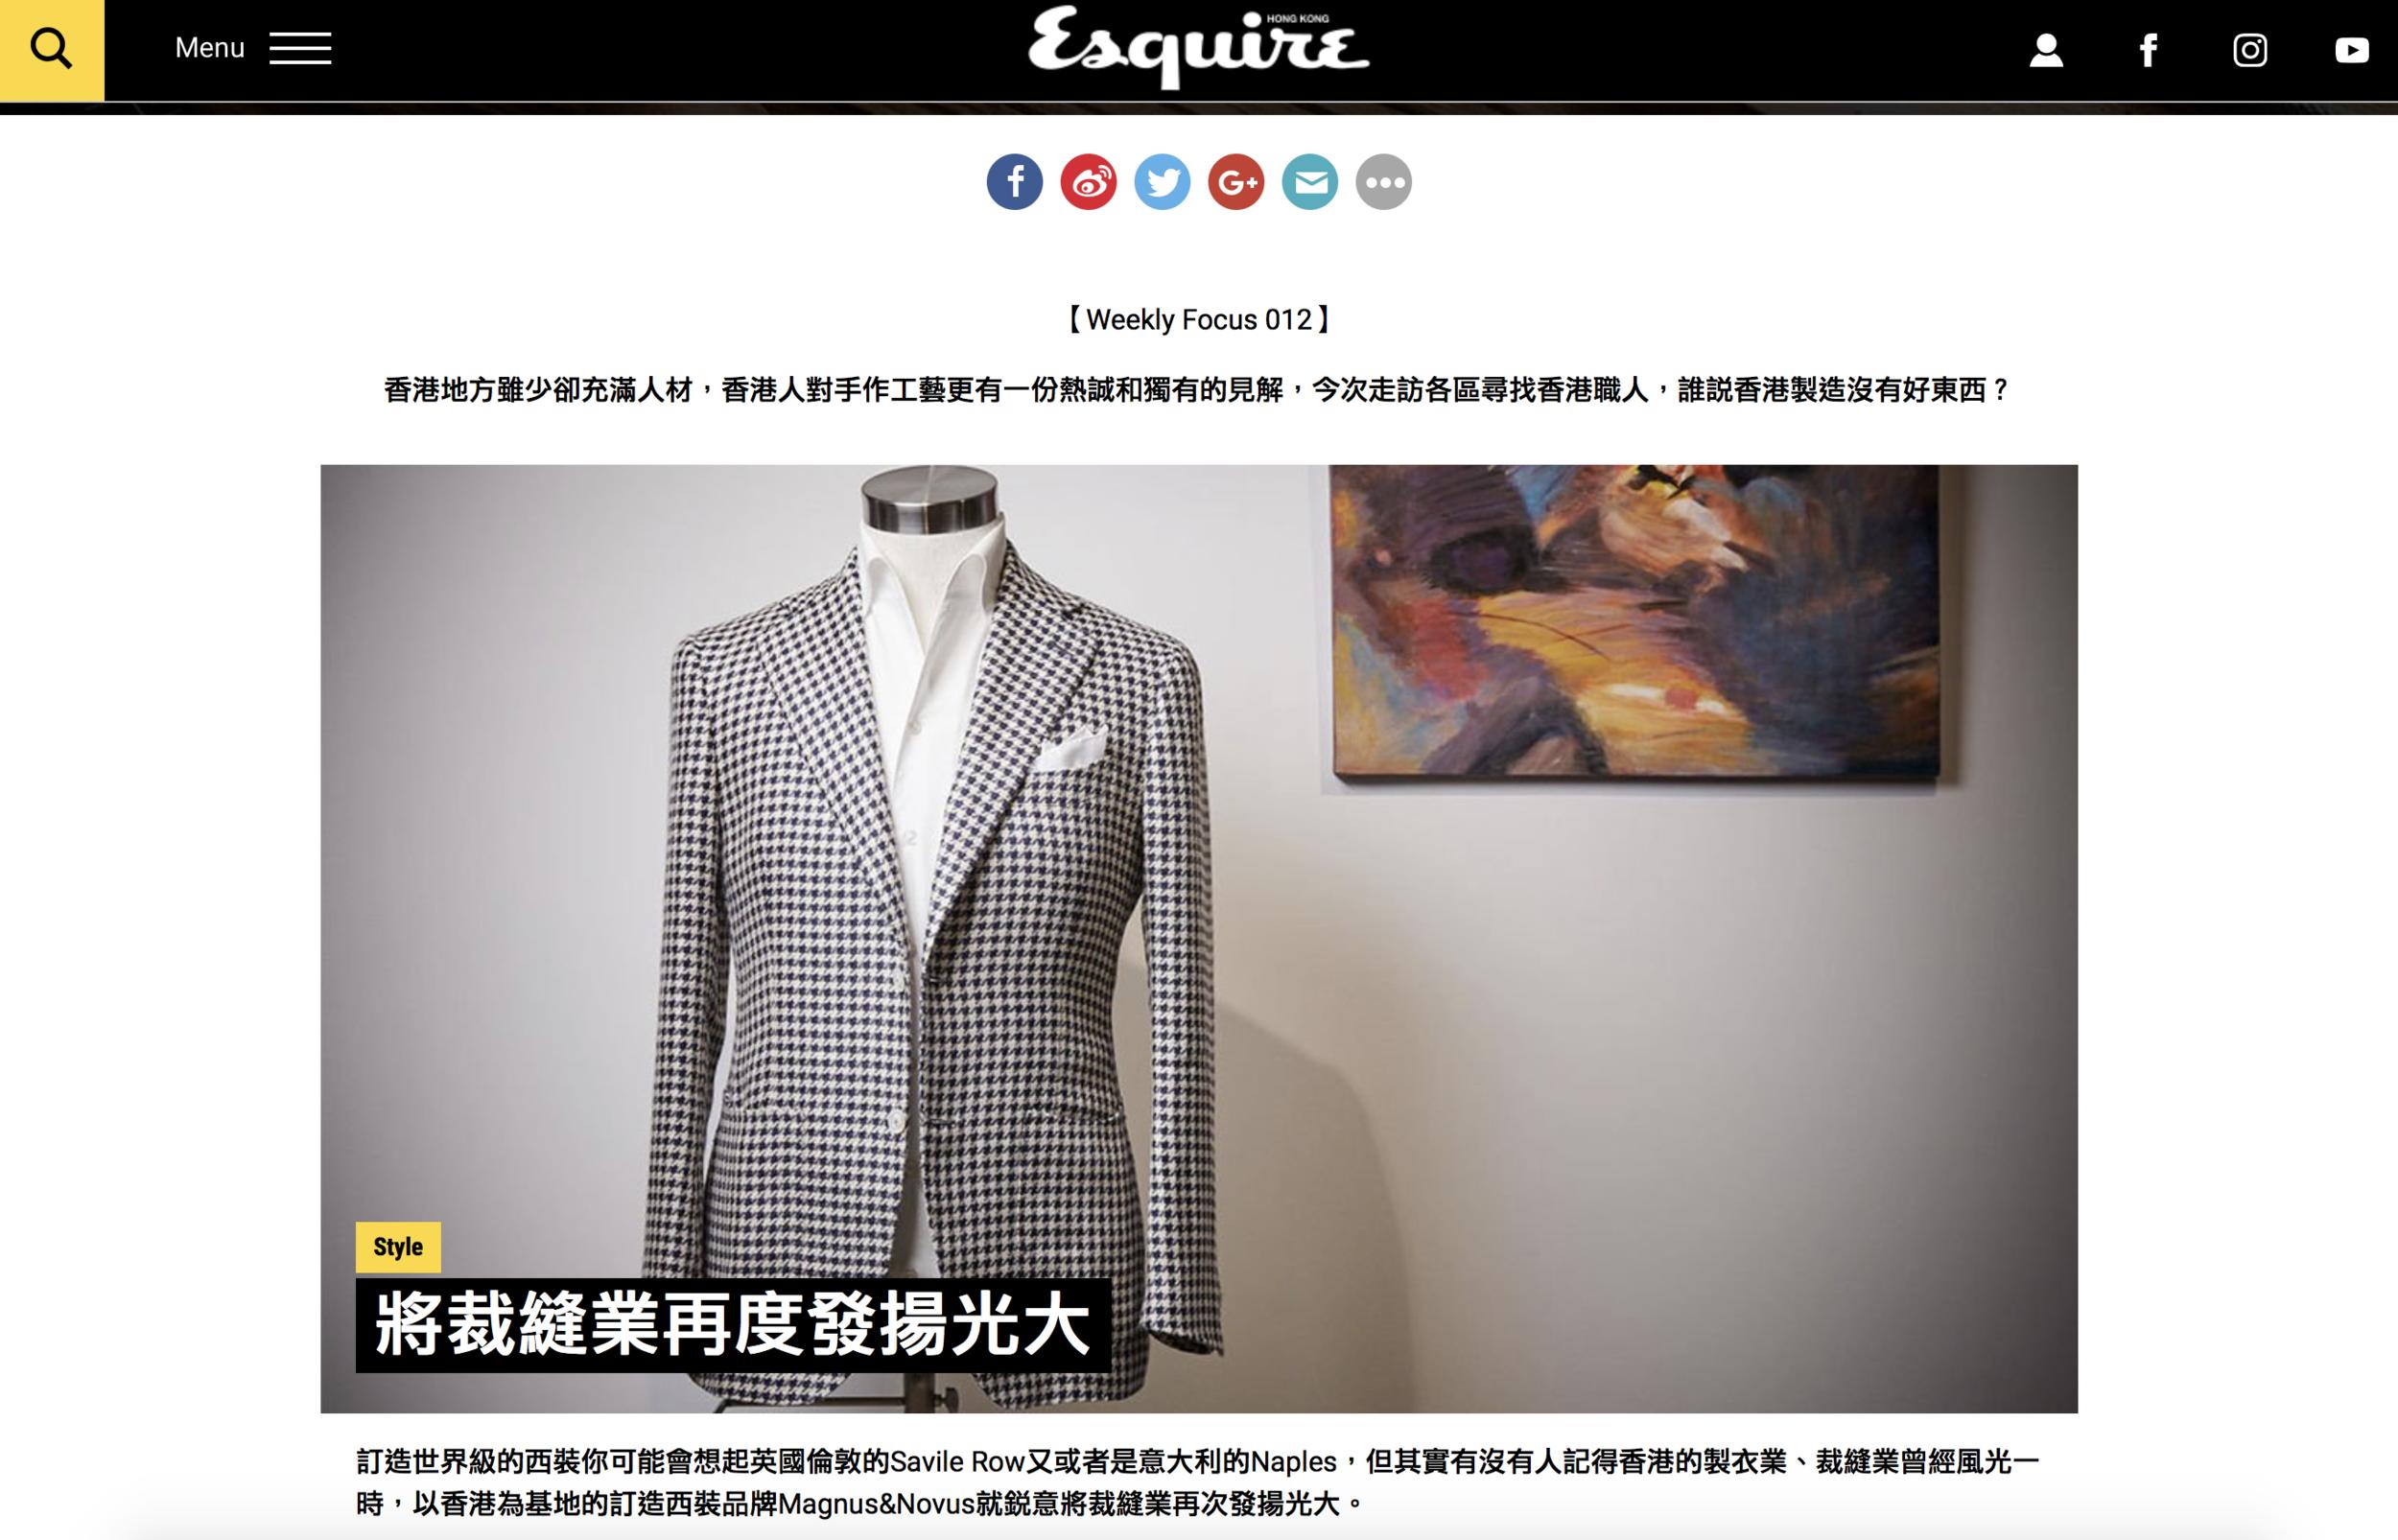 Esquire-Bespoke-Review-Magnus-&-Novus